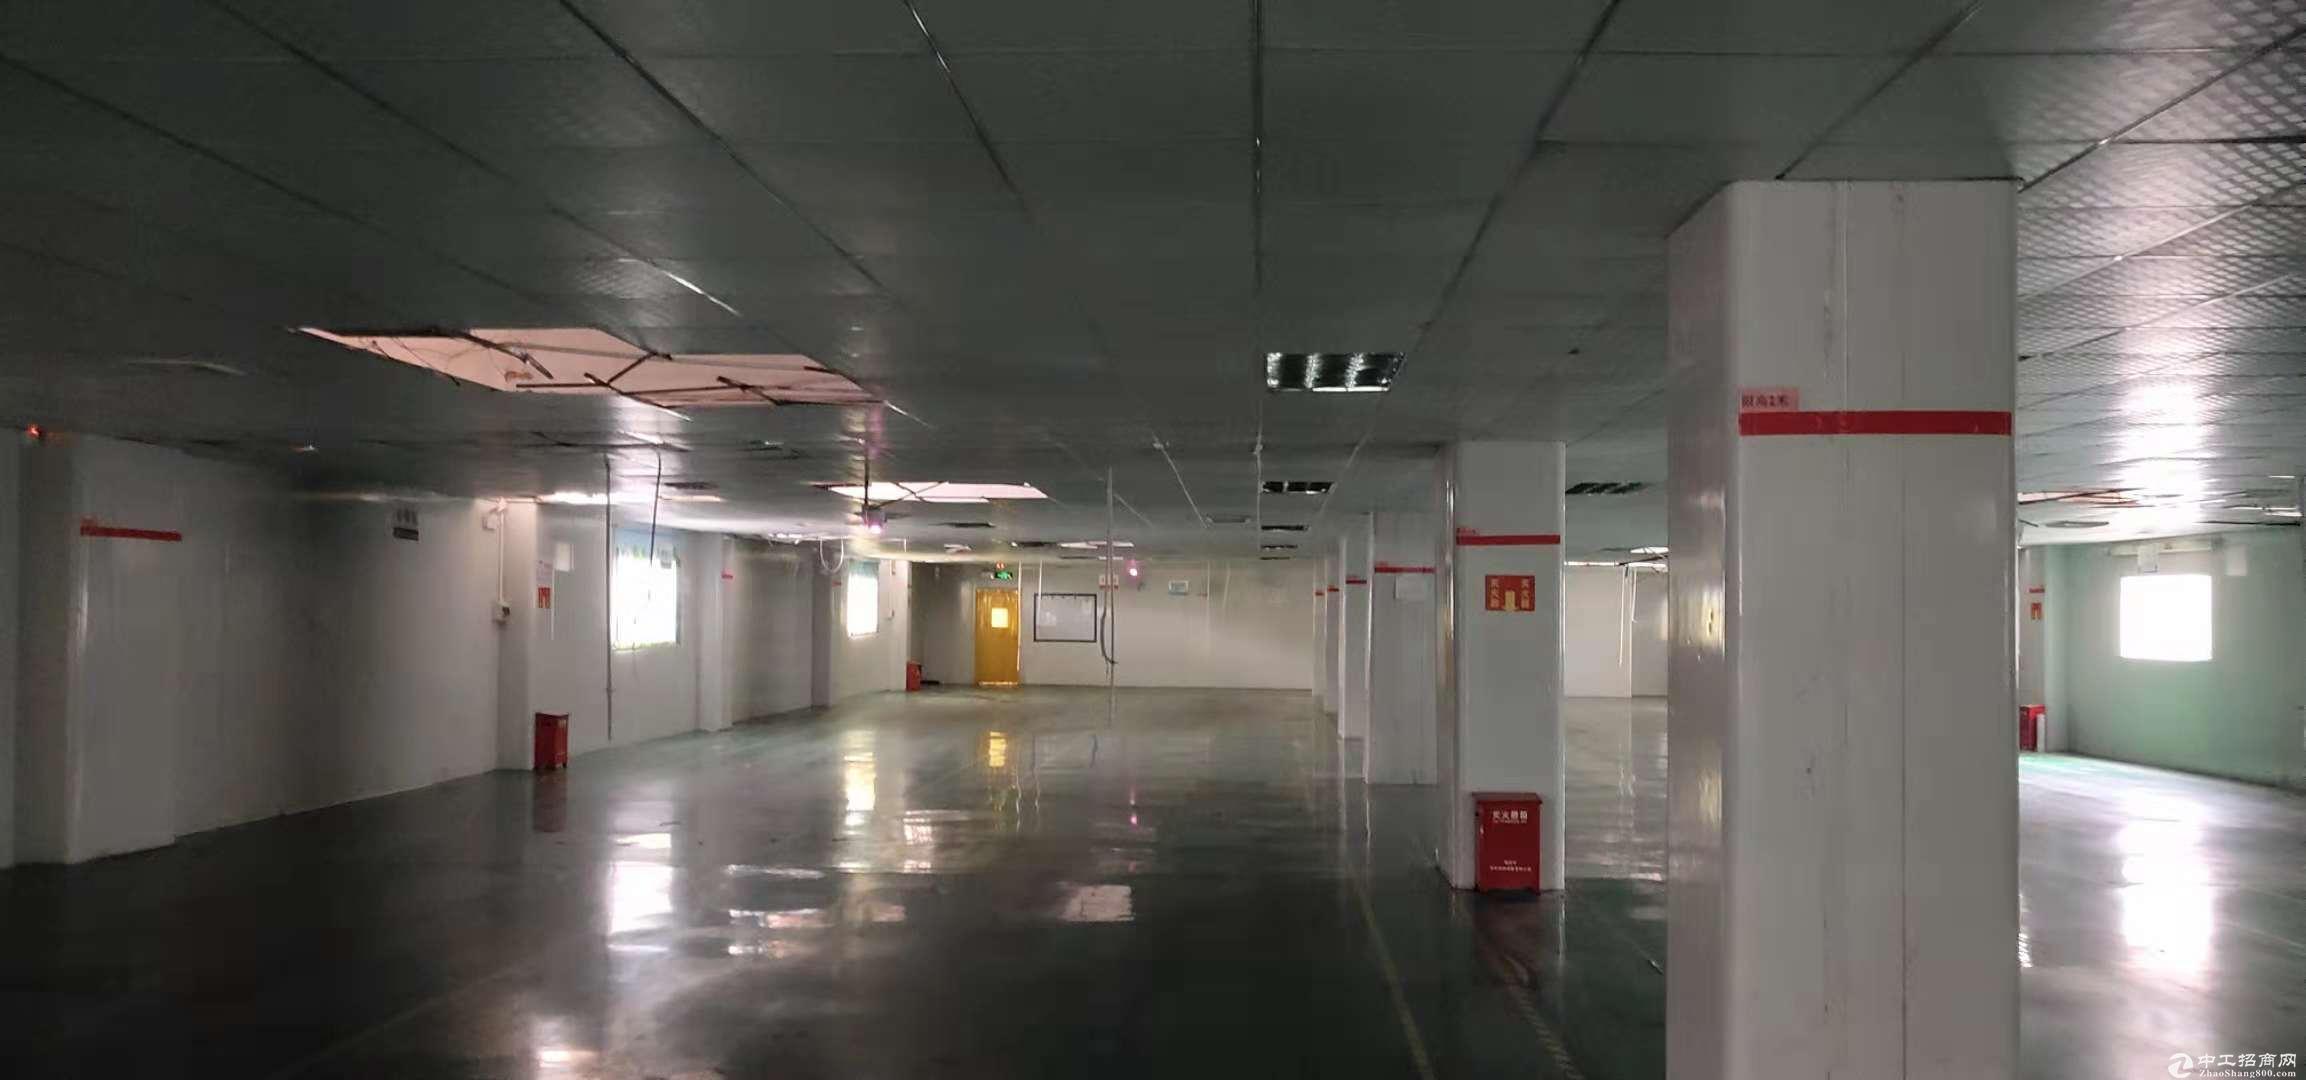 横岗 四联现成电子厂1300平米招租 带地坪漆